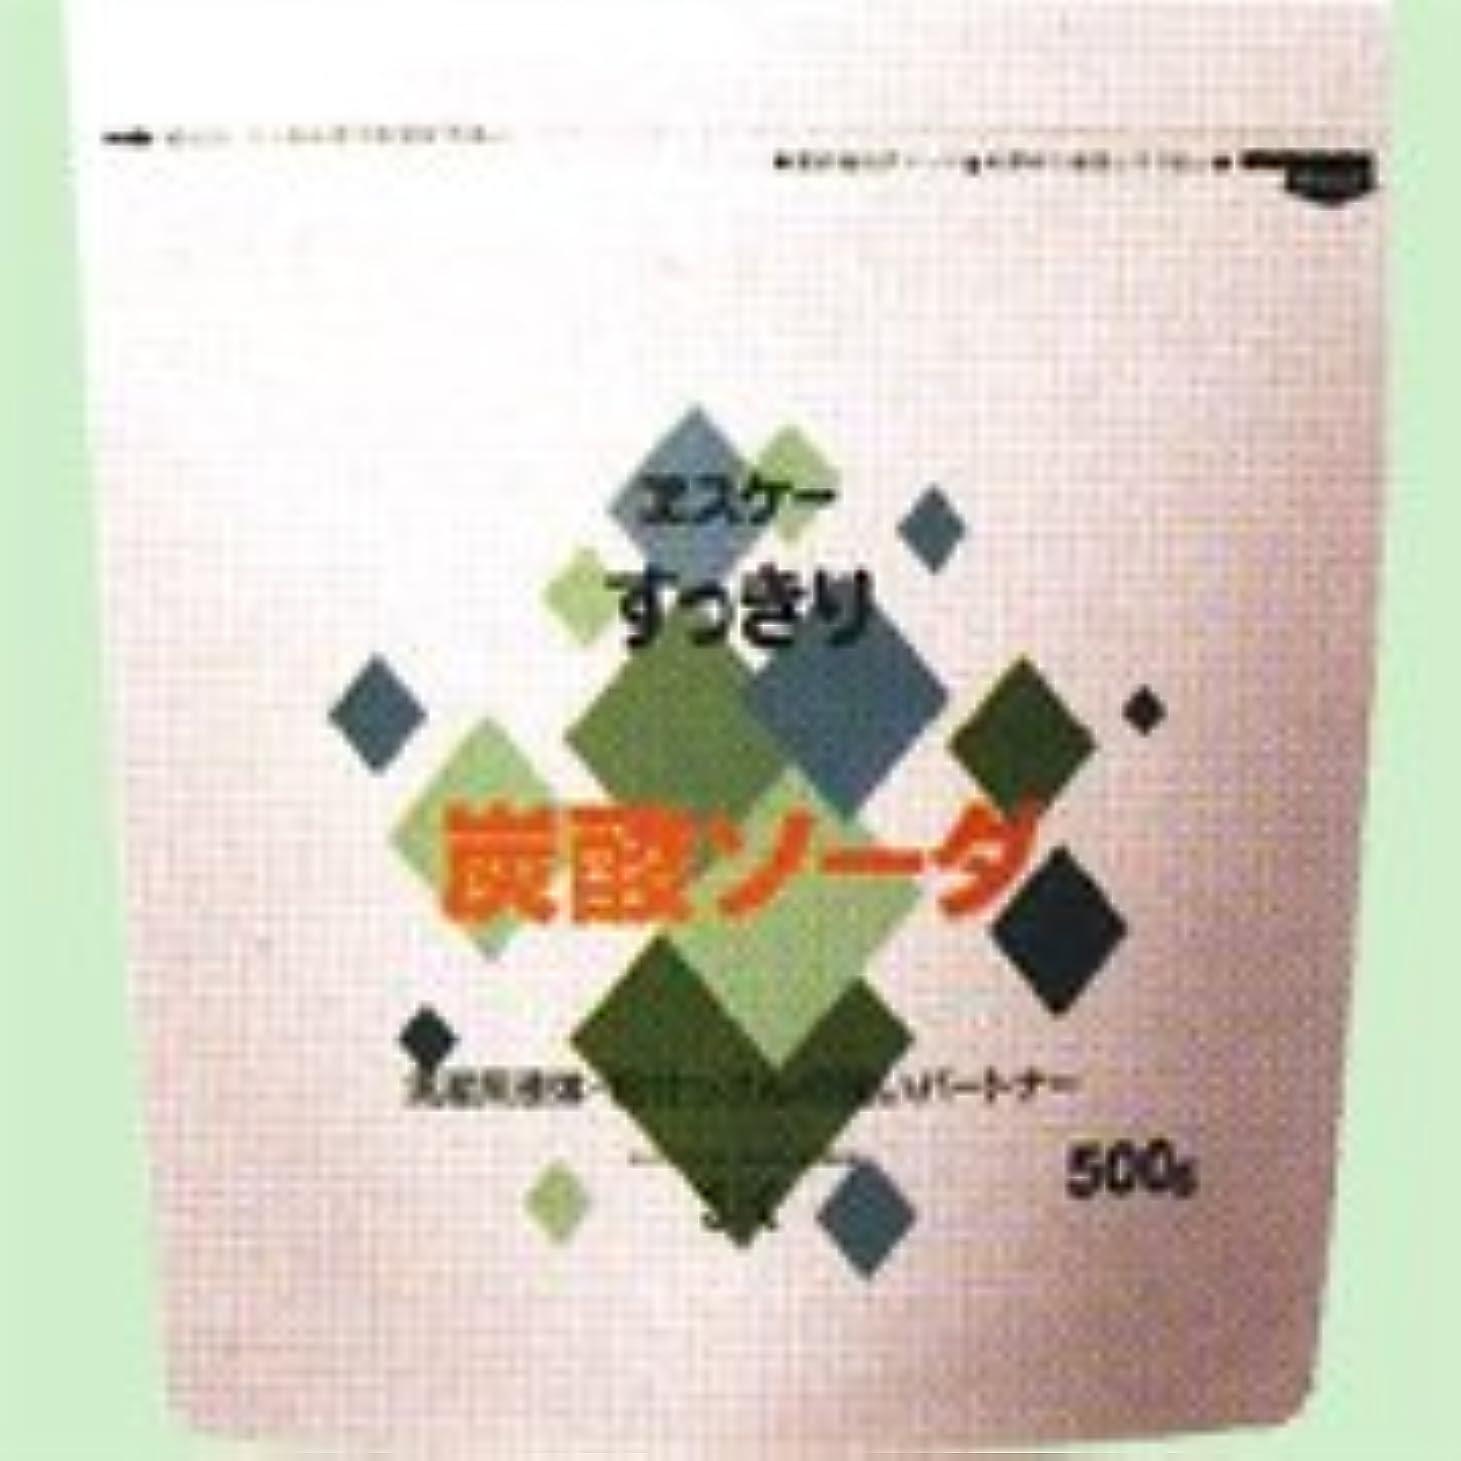 優しさメナジェリー松明すっきり炭酸ソーダ 500g   エスケー石鹸